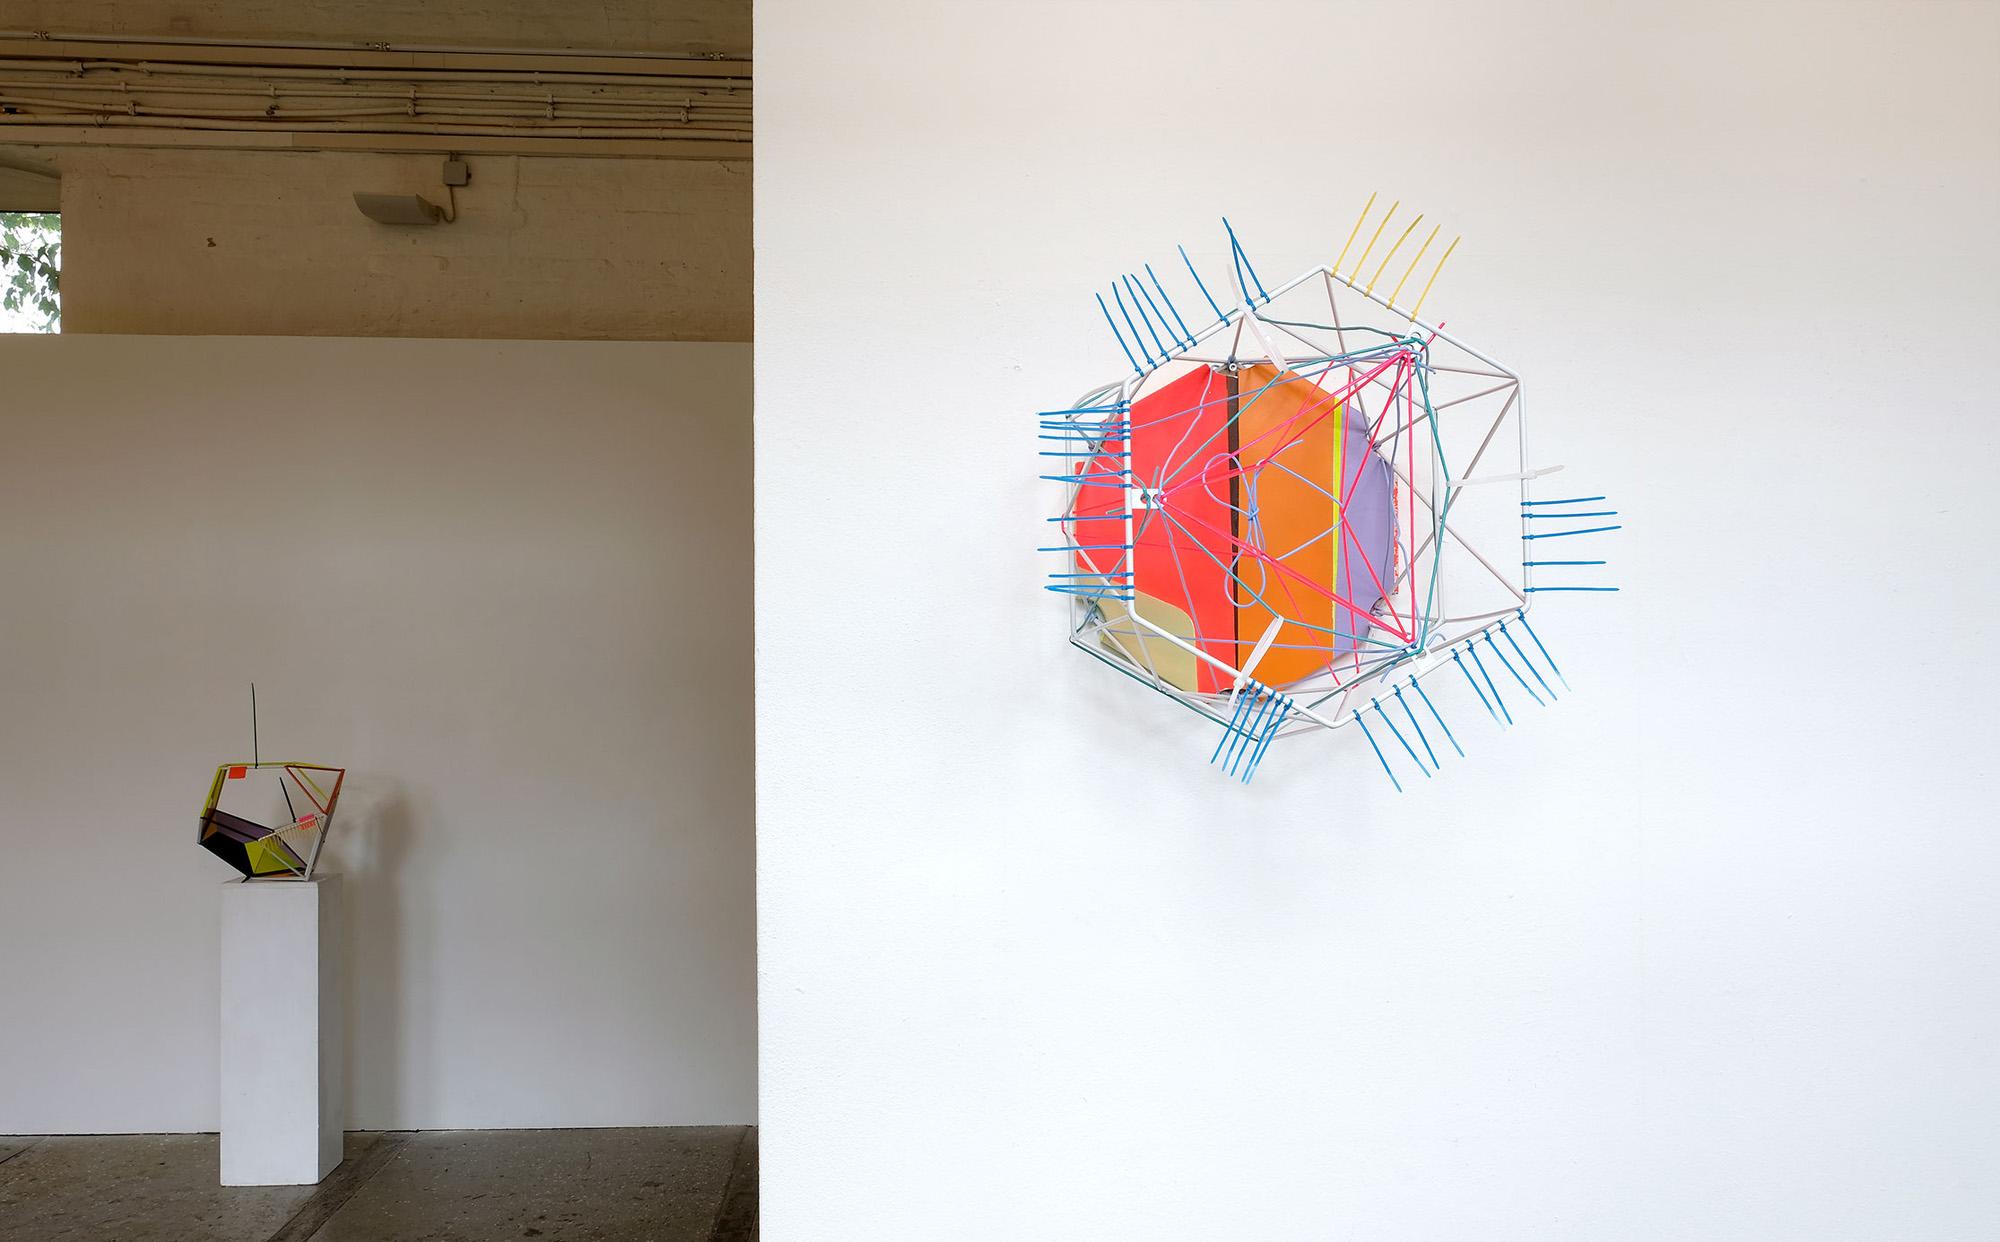 Oblique Prism, 2019